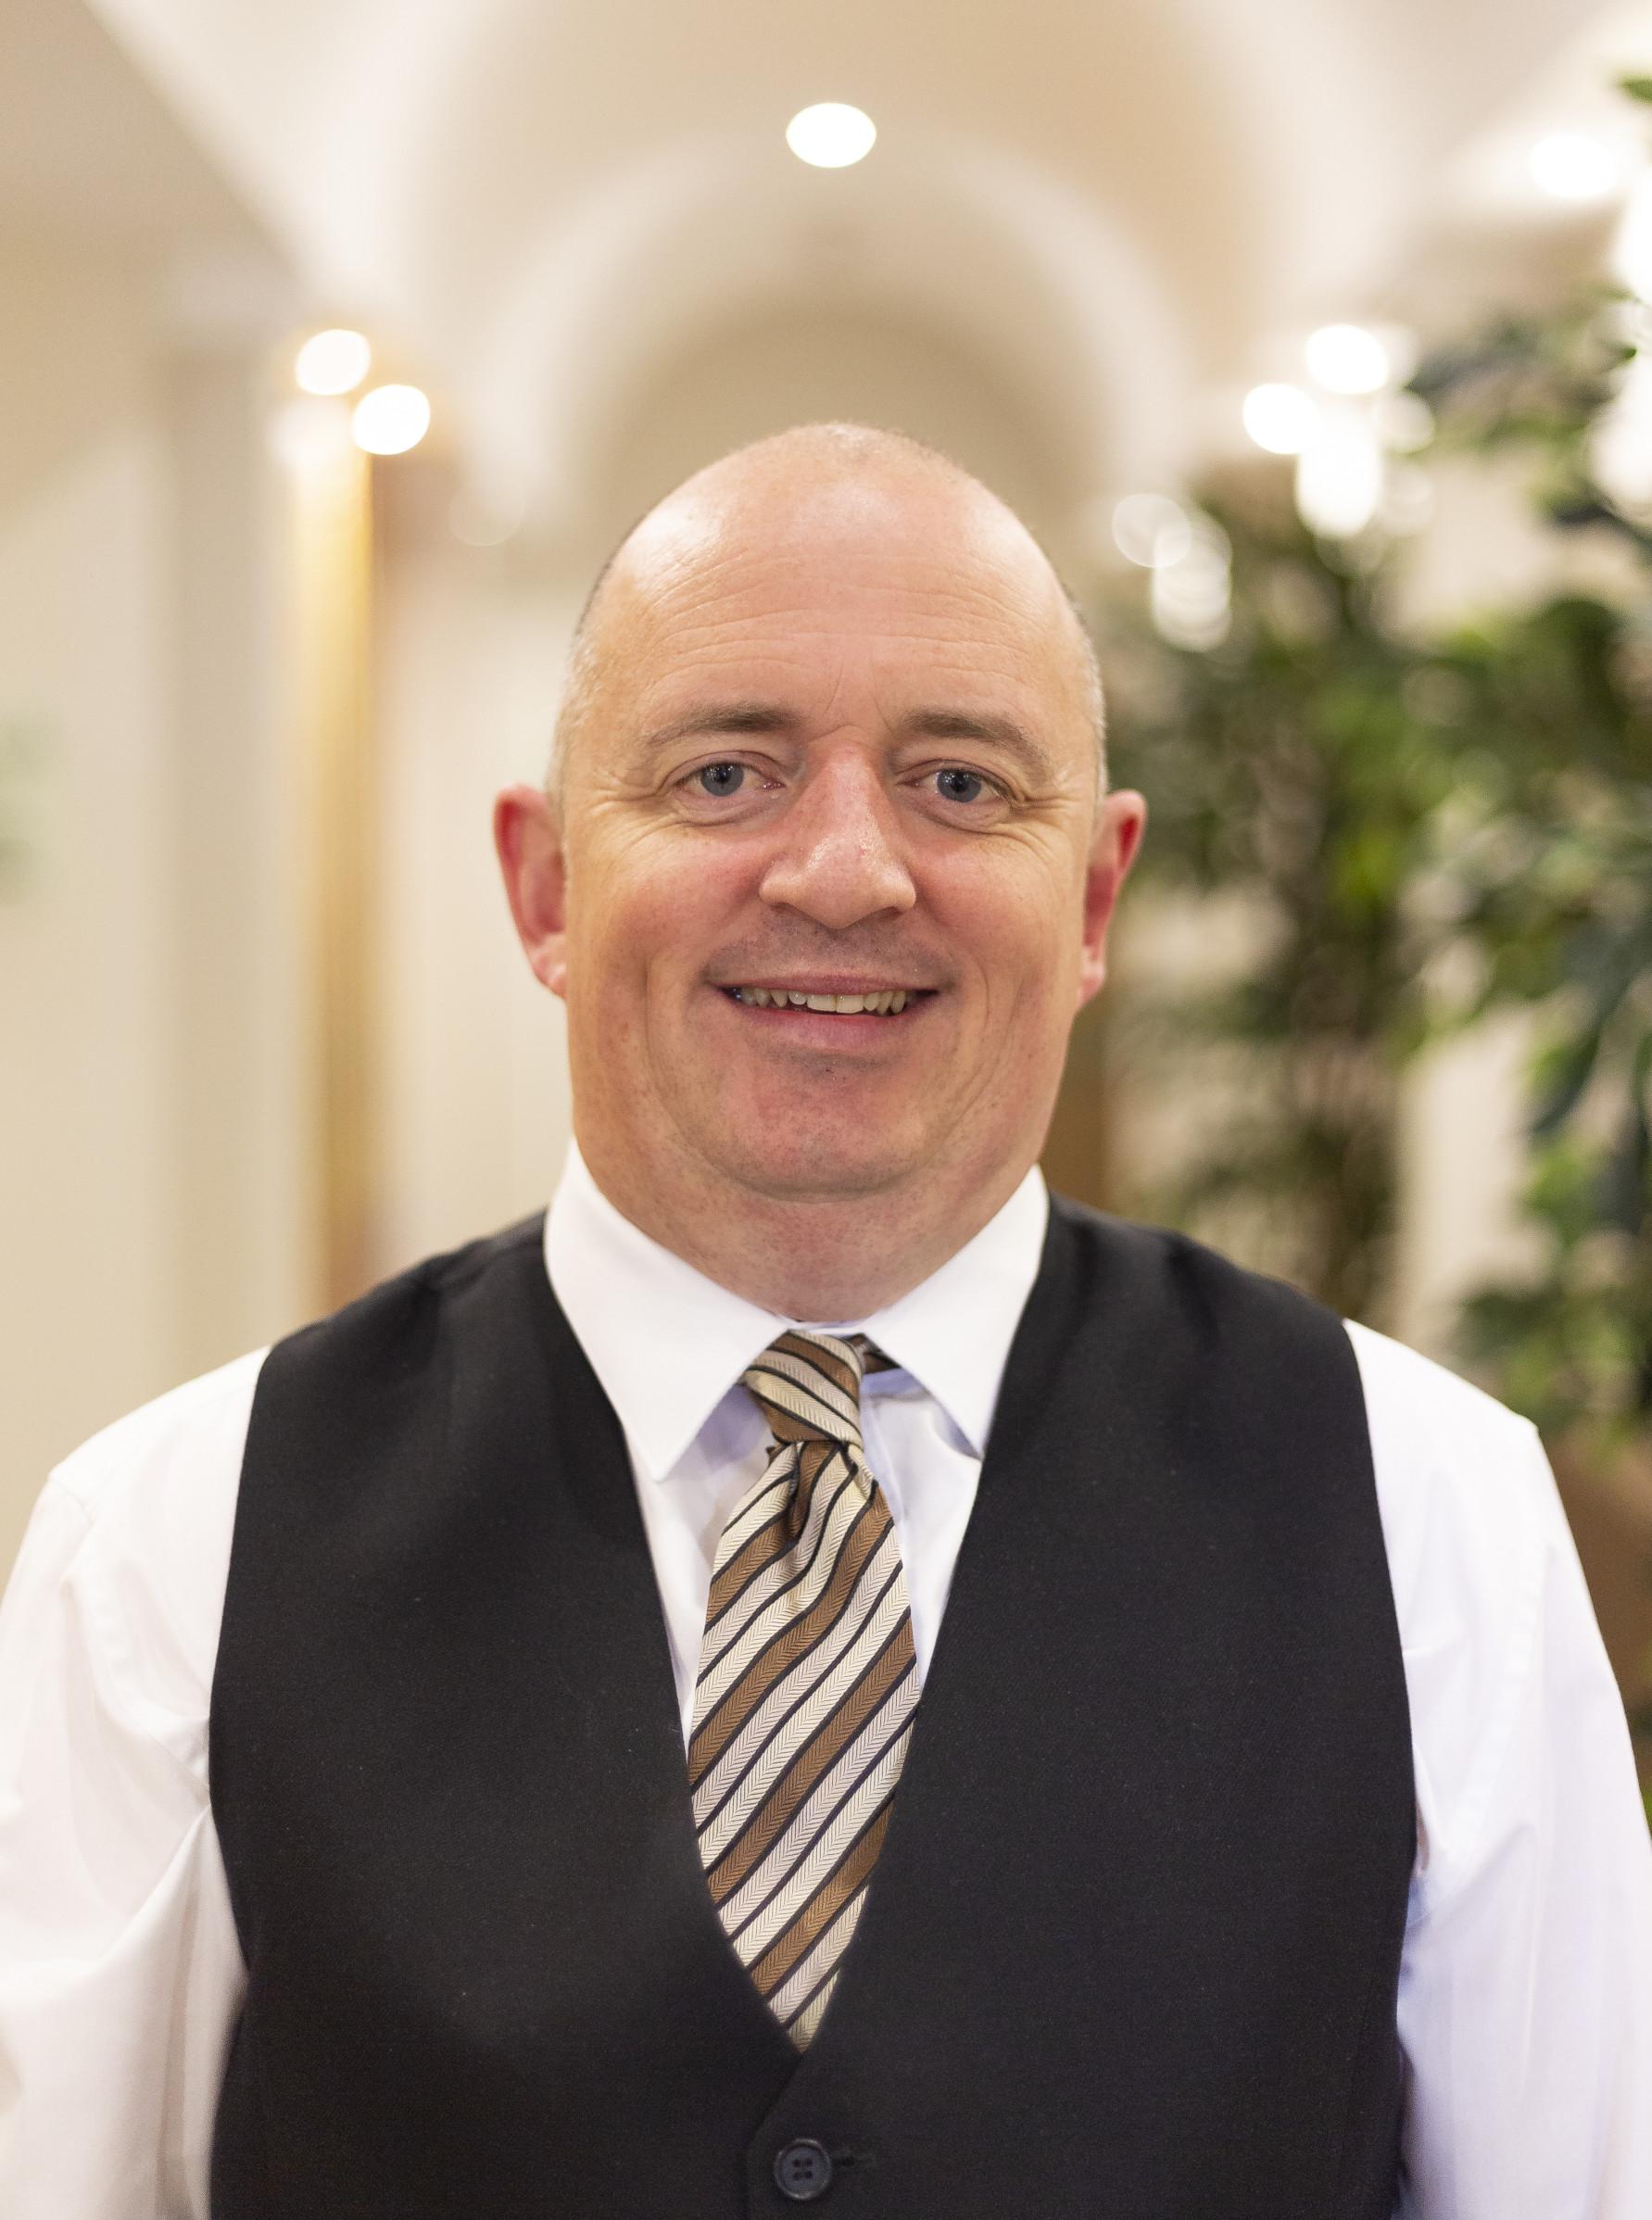 Meet John - funeral arranger